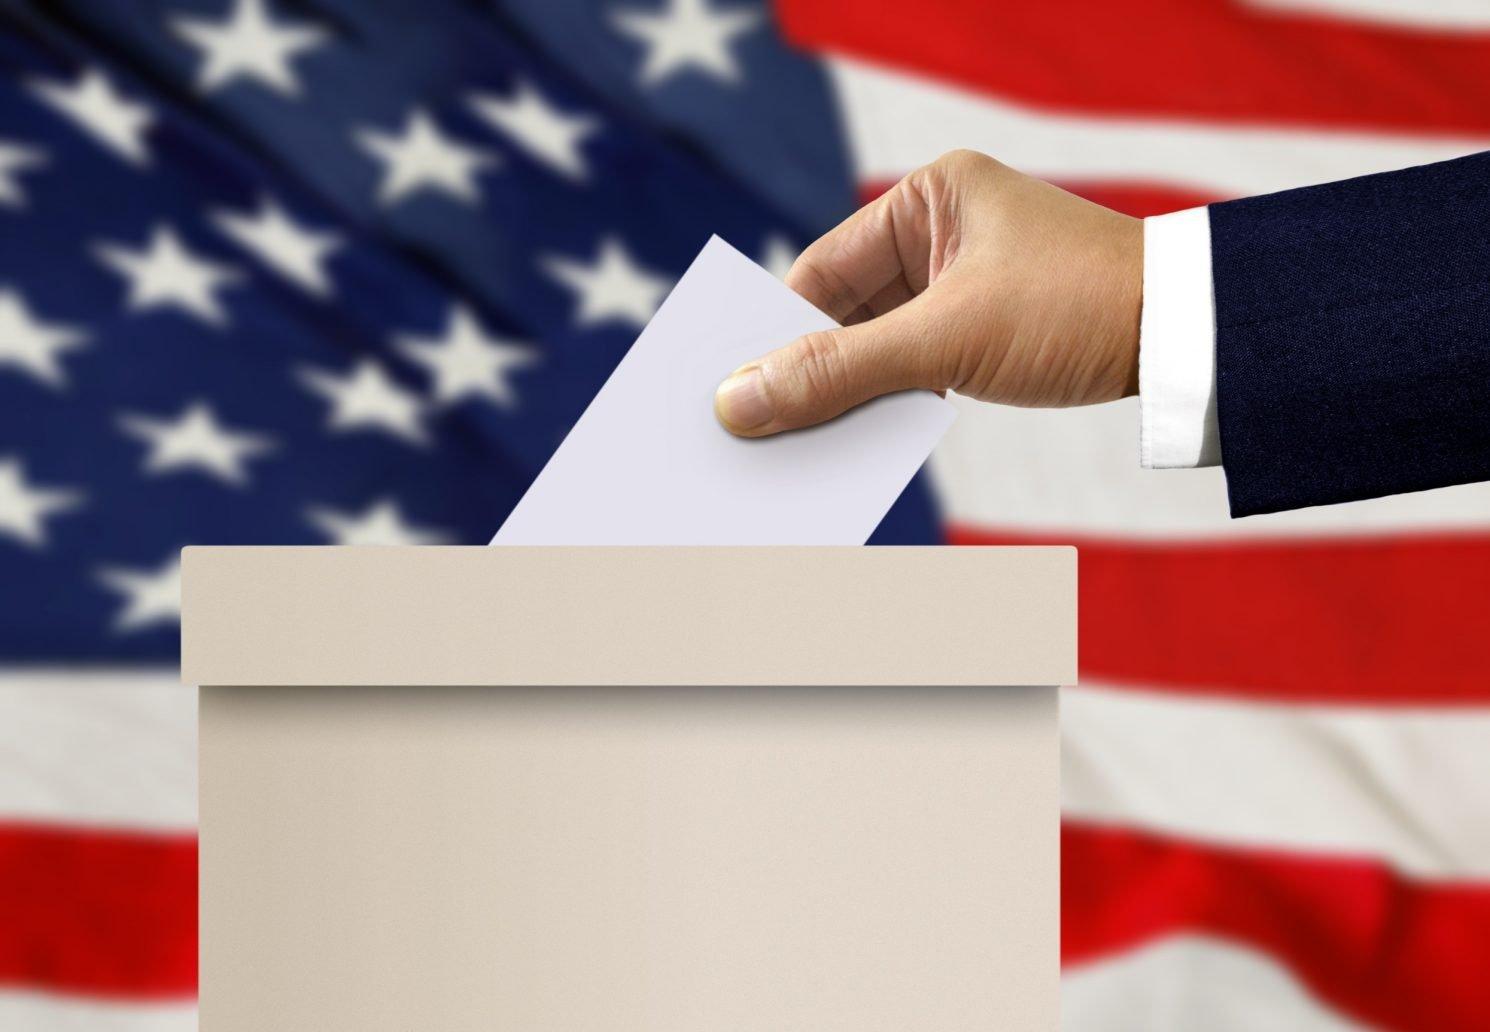 elección-votación-descentralizada-blockchain-estados unidos